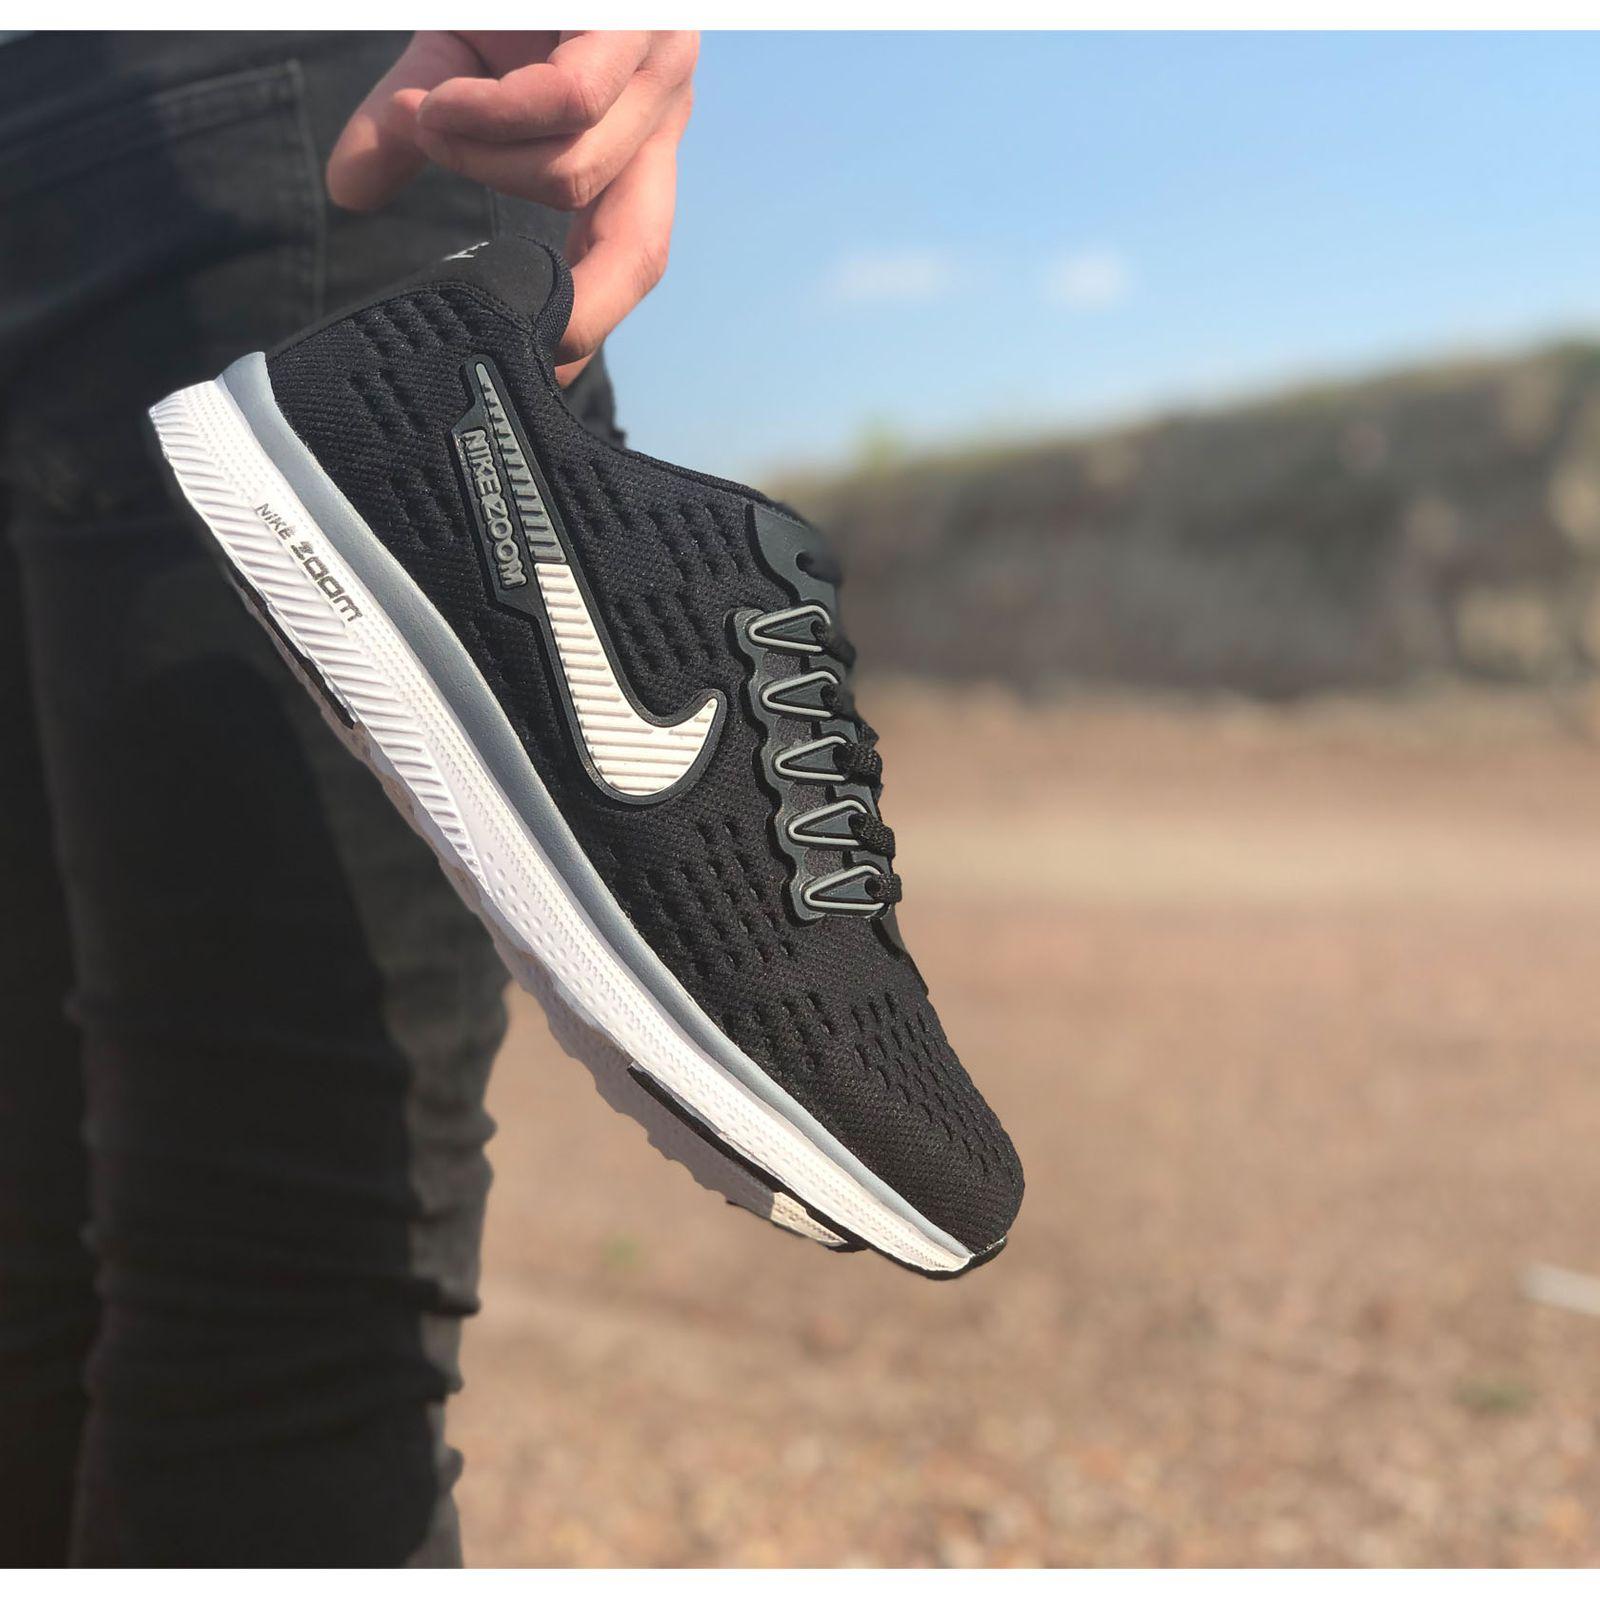 کفش مخصوص پیاده روی مردانه کد nk 200 main 1 10